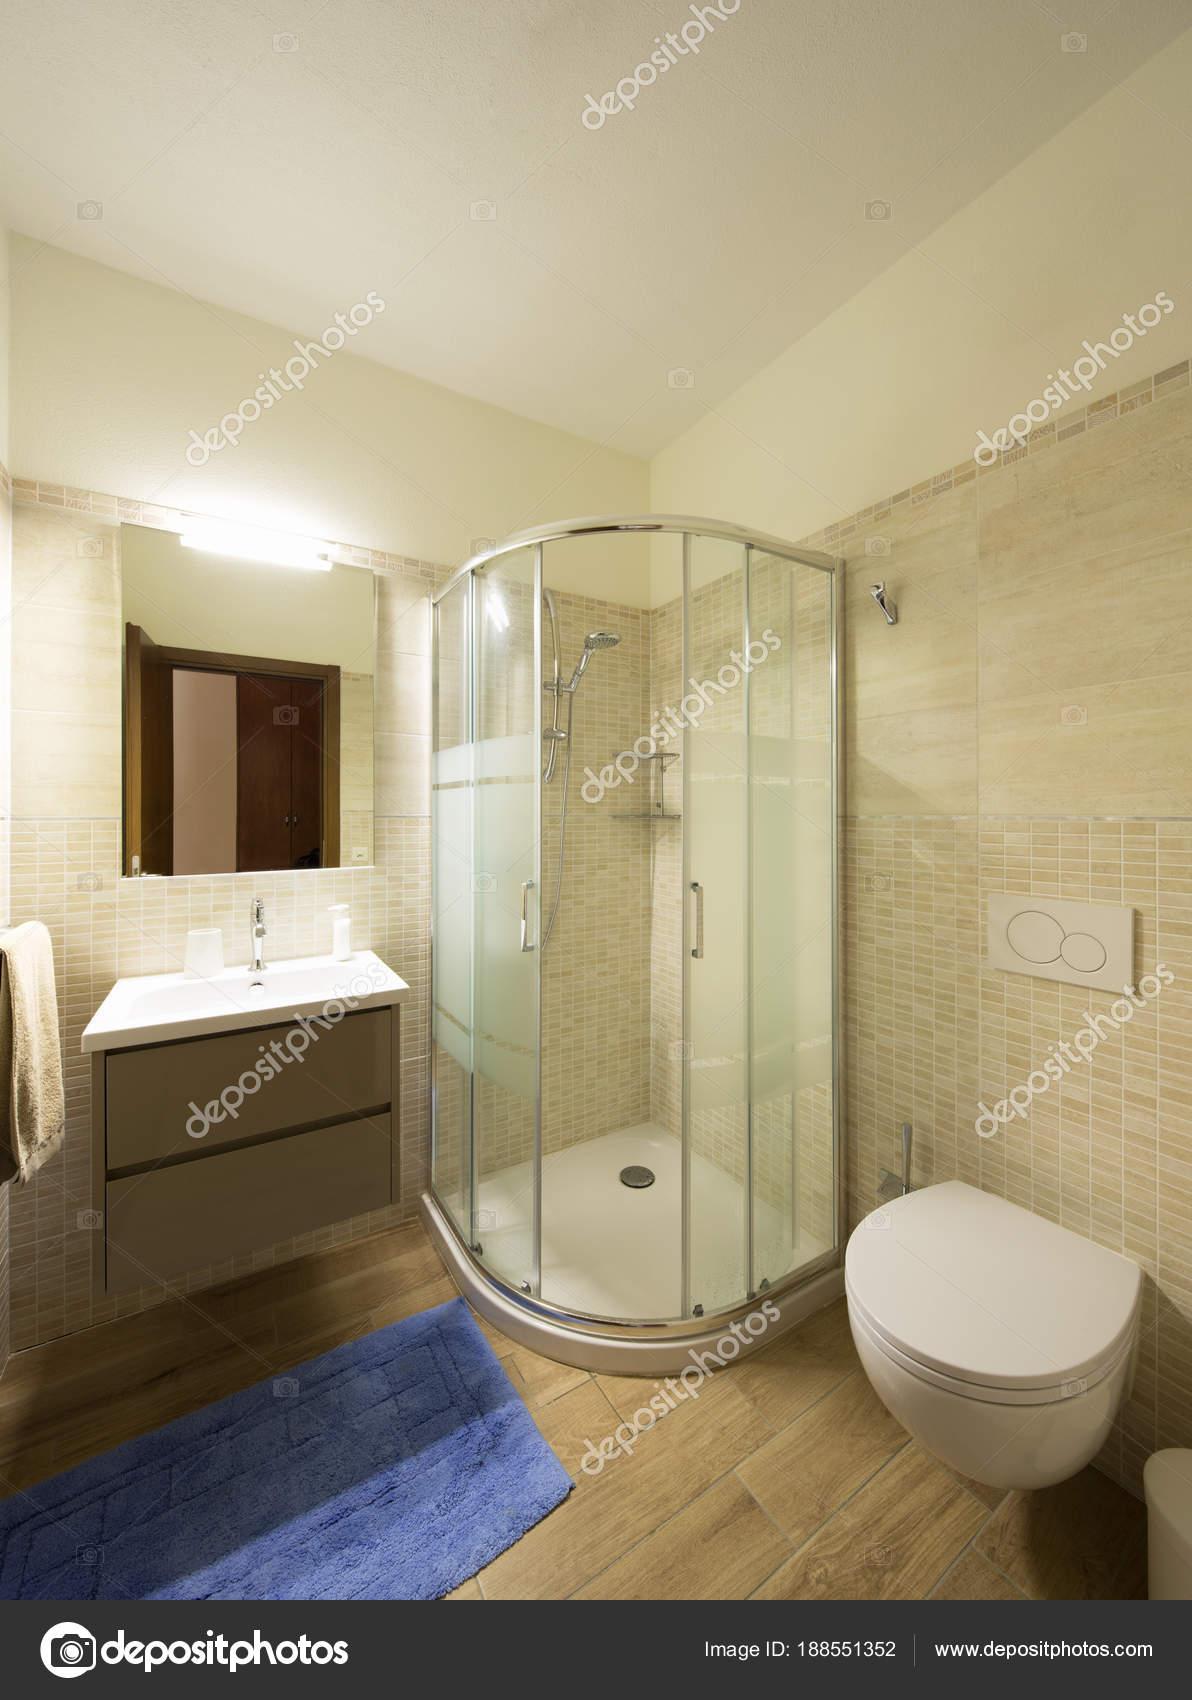 Modernes Bad Mit Fliesen Grosse Dusche Stockfoto